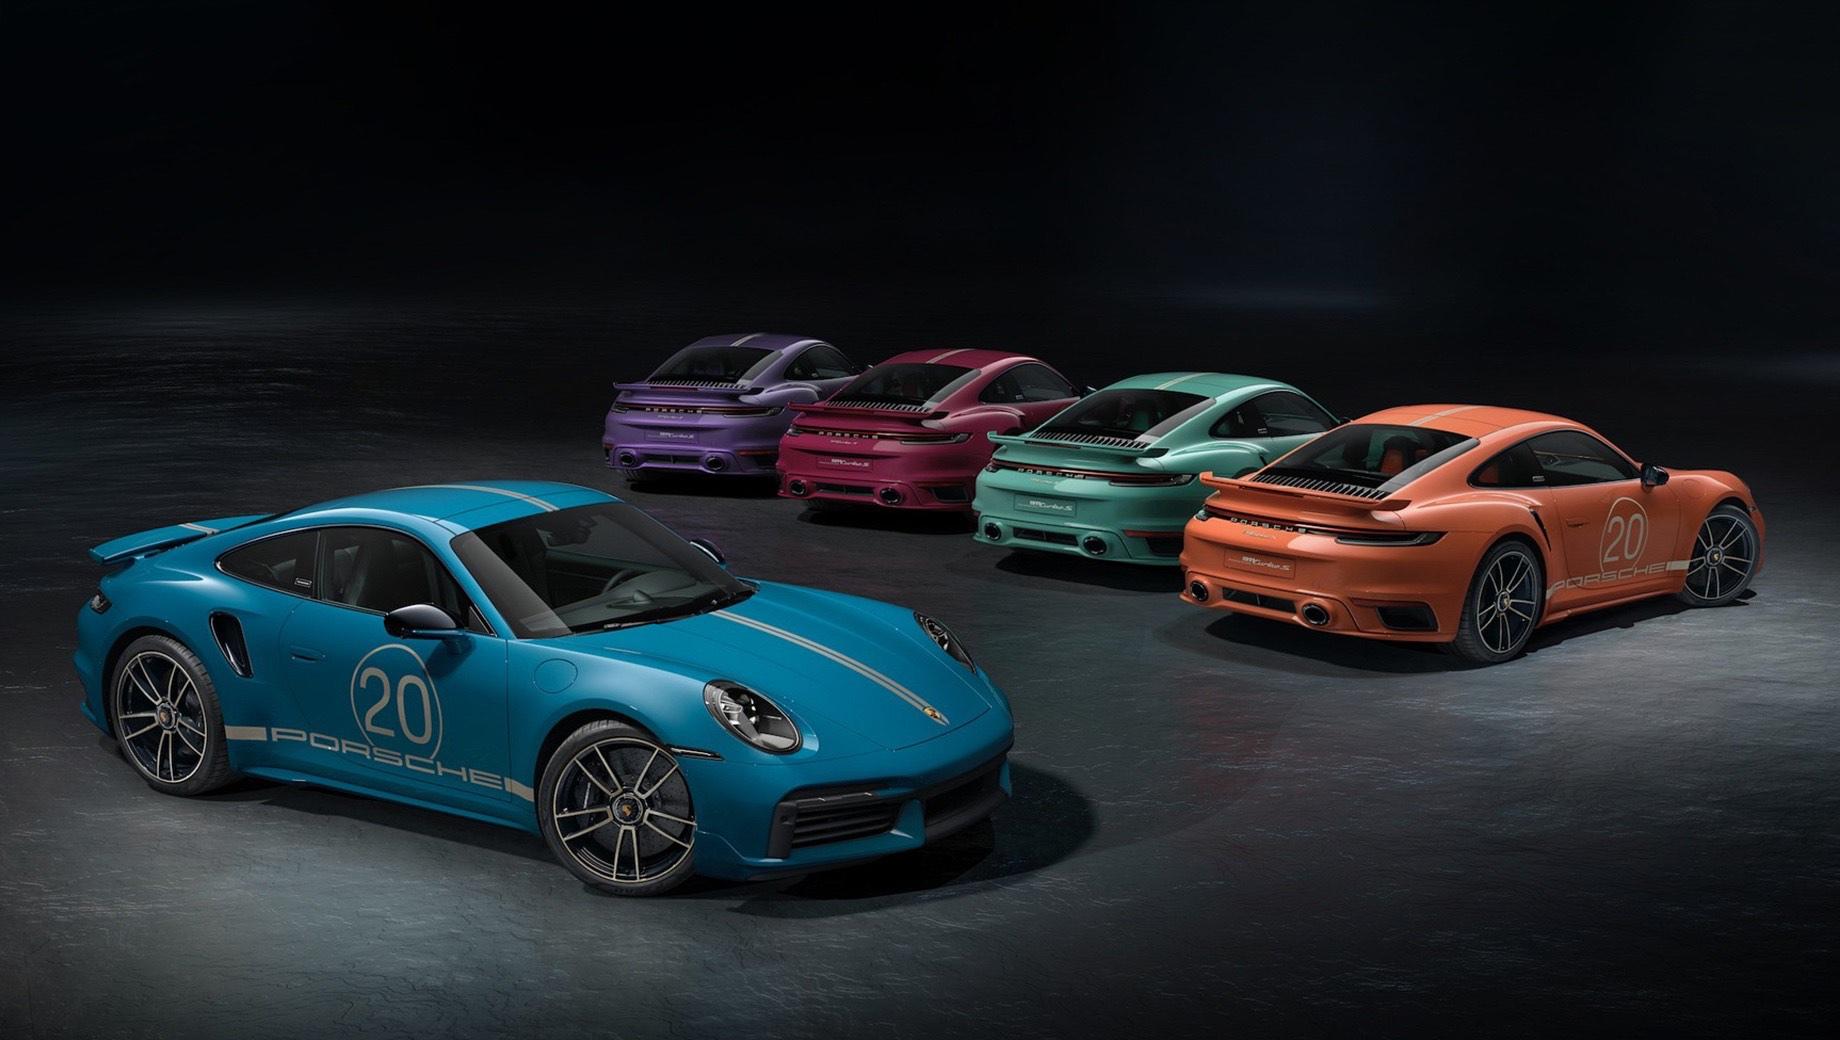 Porsche 911,Porsche 911 turbo s 20 years porsche china edition,Porsche 911 turbo s. Помимо цвета кузова, двухдверки выделяются характерными полосами с крупной цифрой 20 на дверях и соответствующими шильдиками. В остальном — это обычный Turbo S.